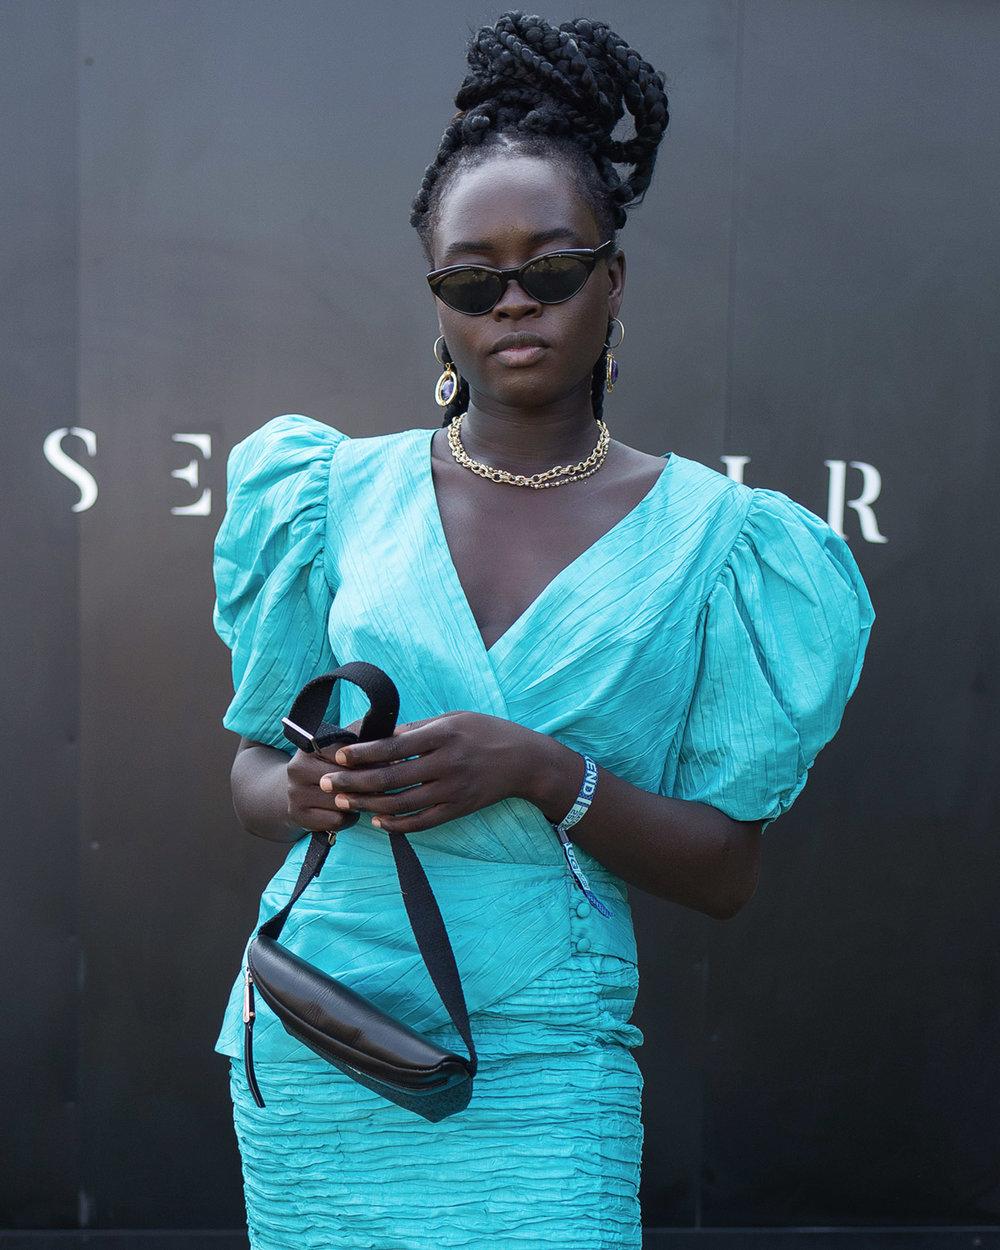 mirza-babic-fashion-photography-new-york-ny-nikon-festival.jpg